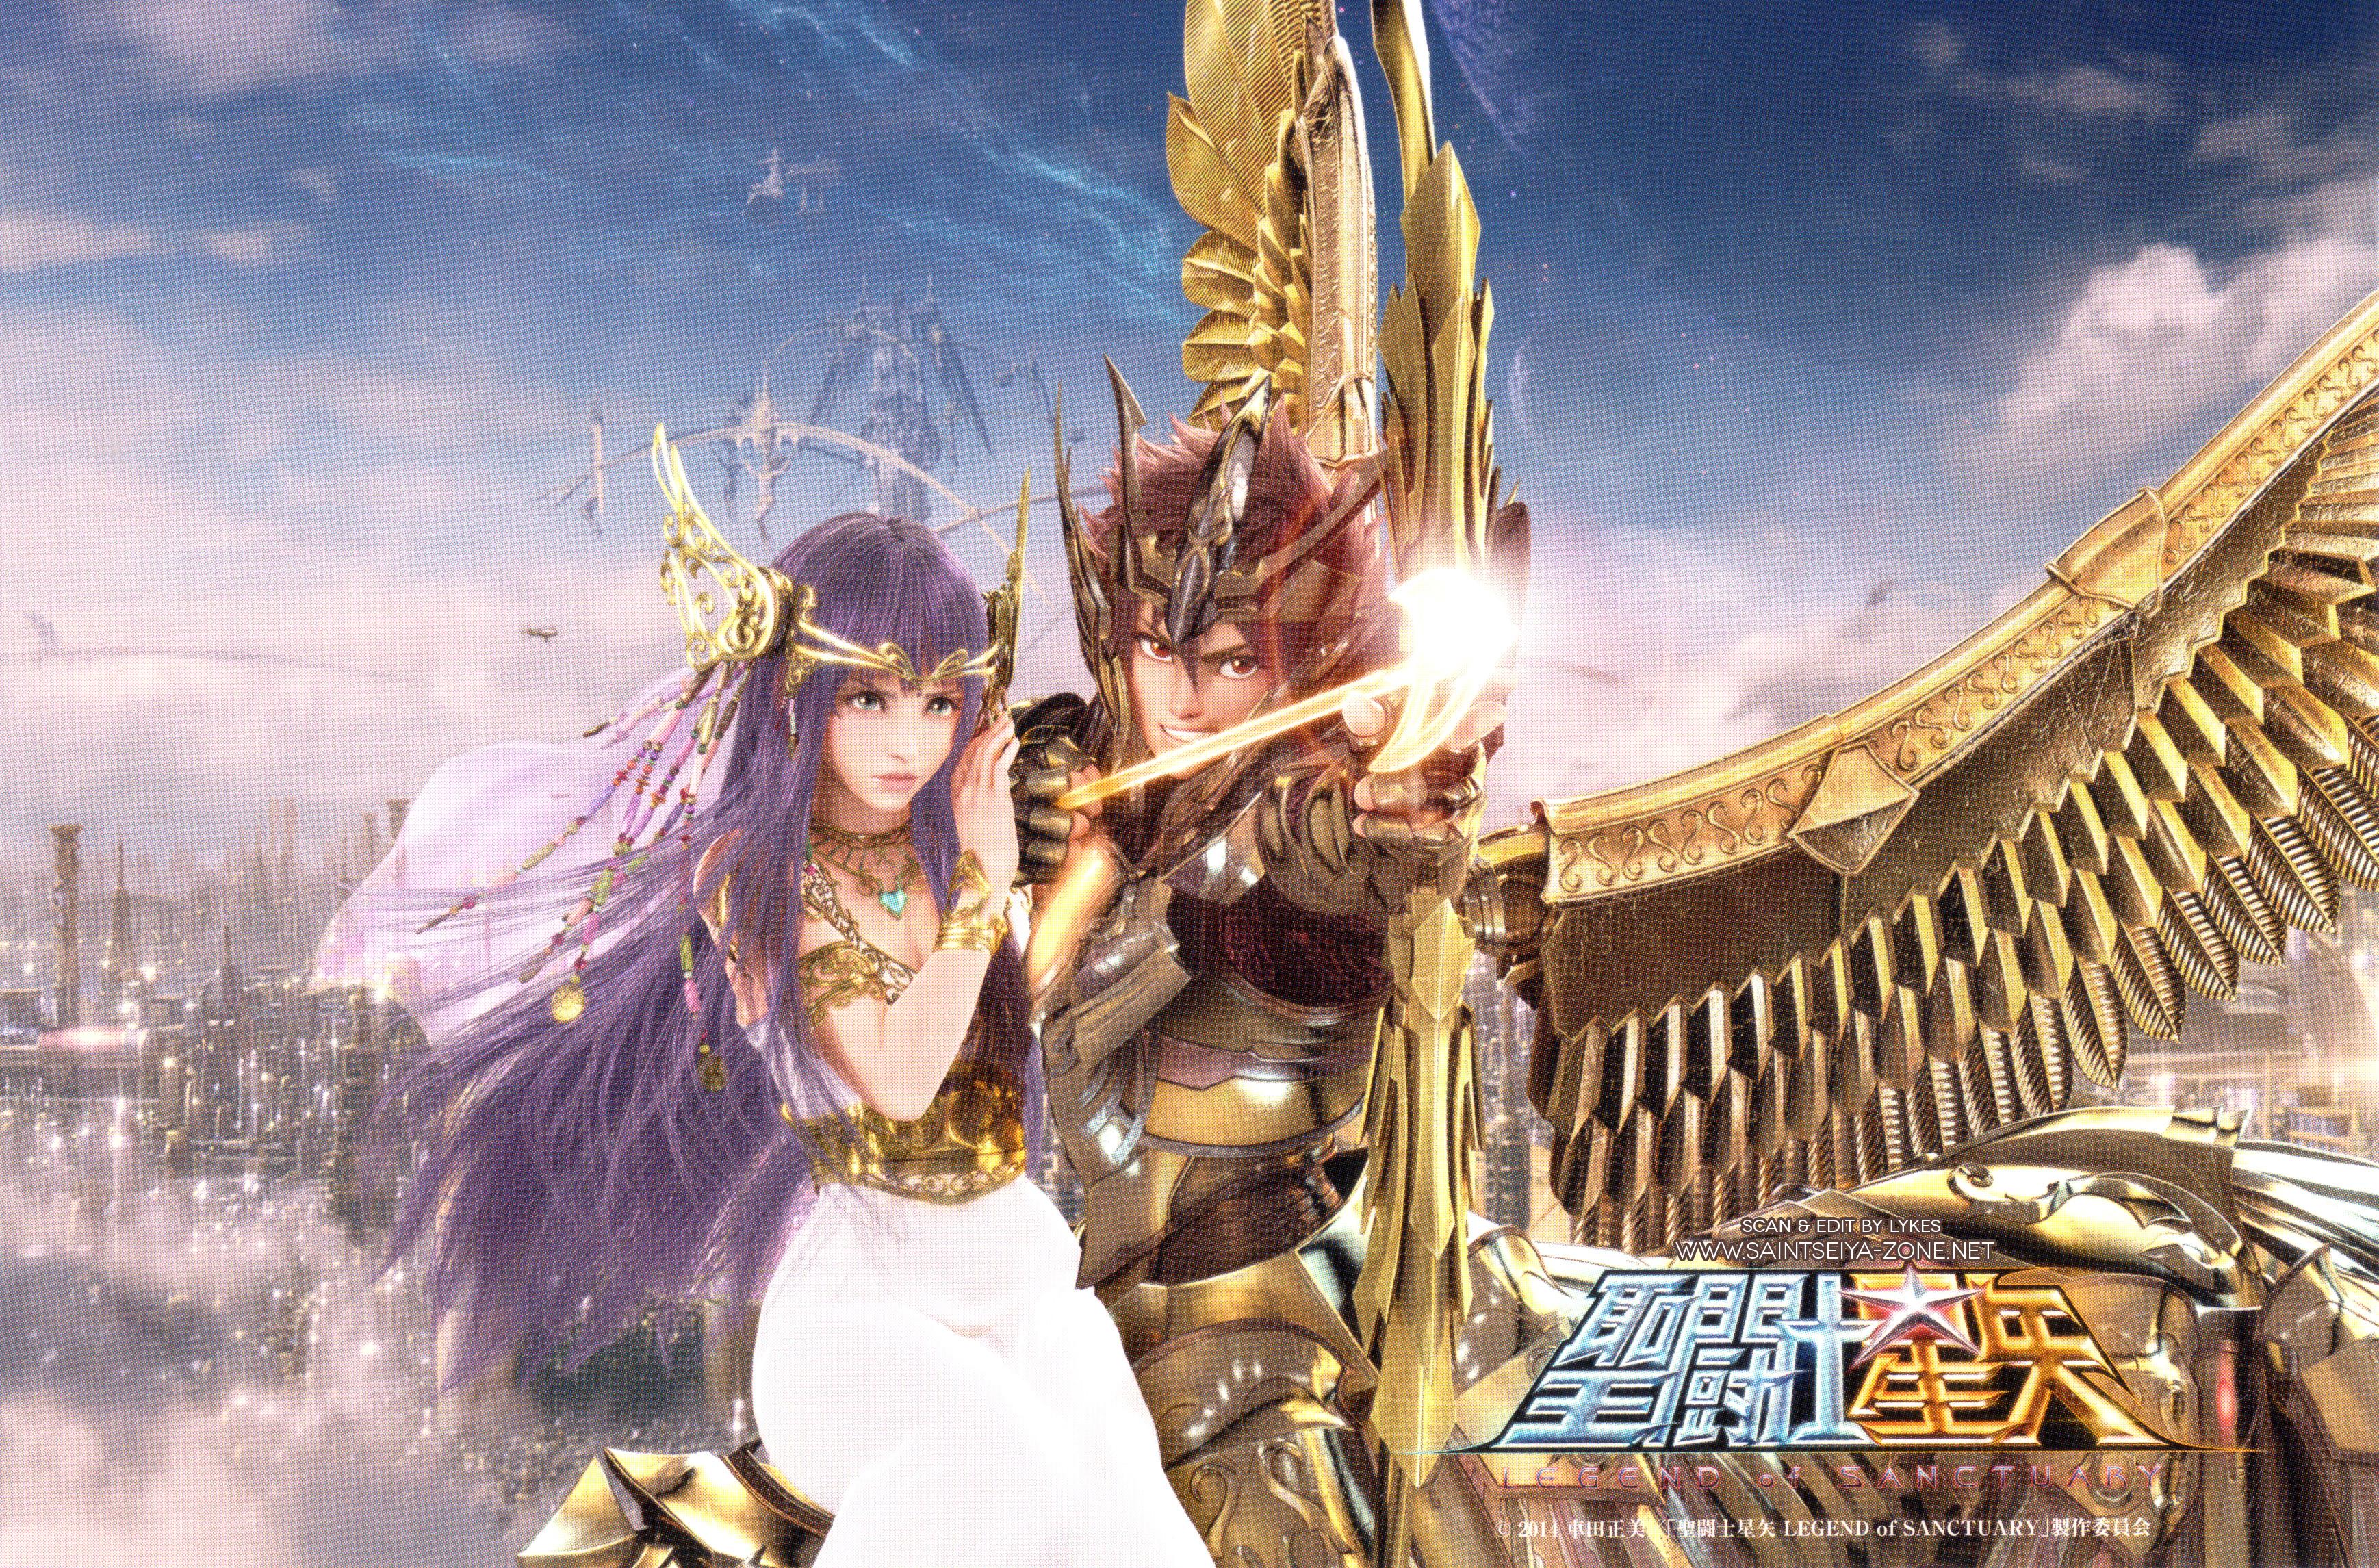 Saint Seiya: Legend of Sanctuary Saori & Seiya - Minitokyo